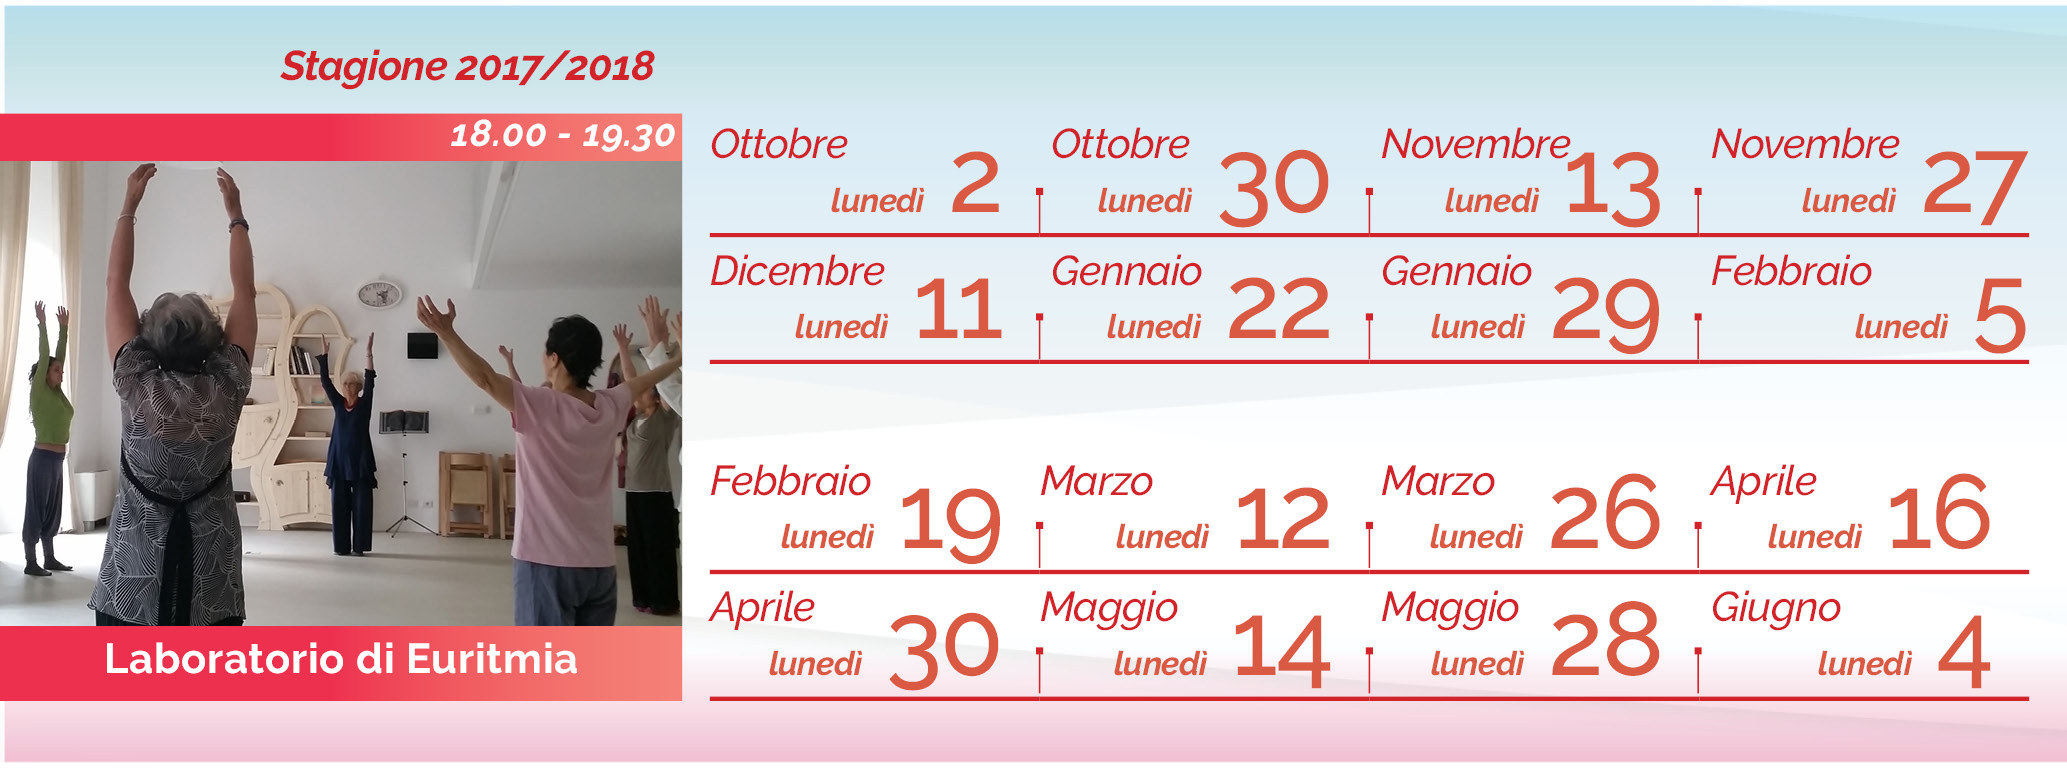 Francesca-Gatti_calendario-2017-18